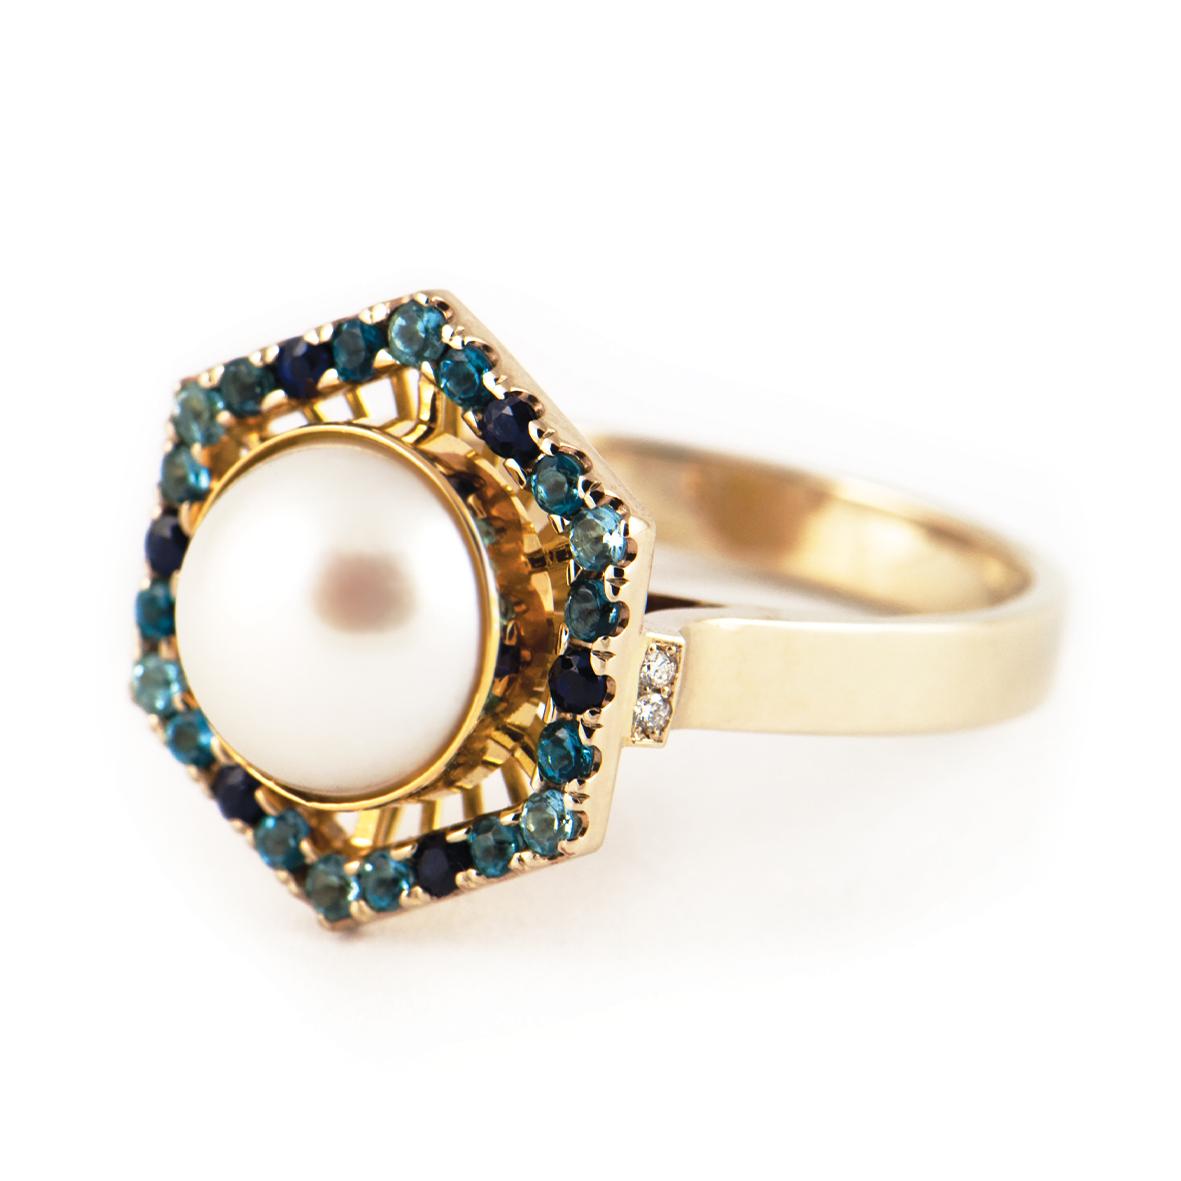 Pierścionek wykonany z białego i żółtego złota próby 585 z perłą naturalną, topazami, szafirami oraz brylantami.